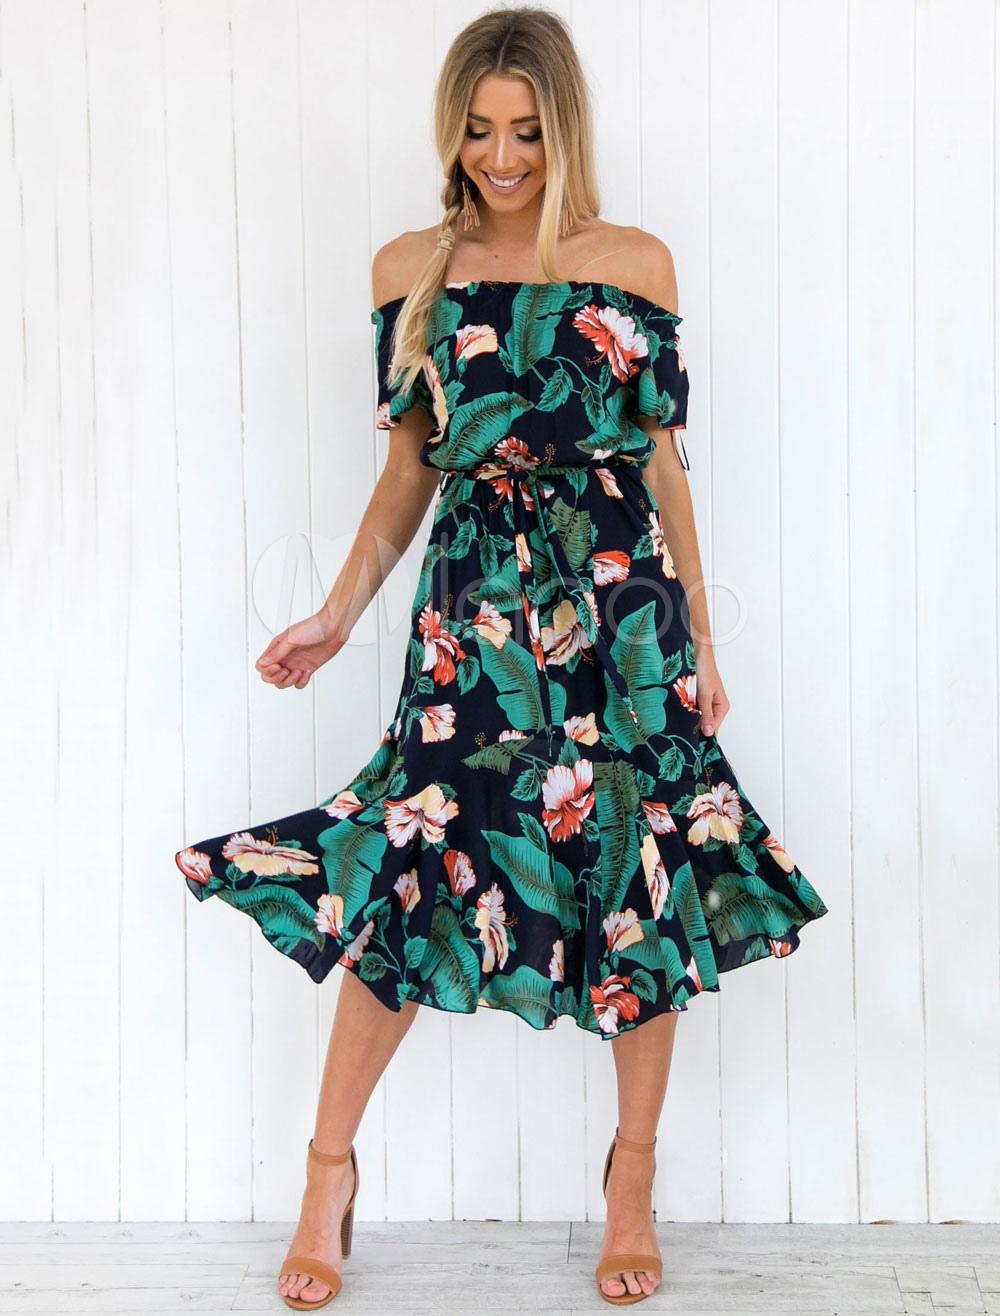 476d8026937e Floral Summer Dress Women Bardot Dress Off The Shoulder Short Sleeve  Printed Chiffon Dress-No ...